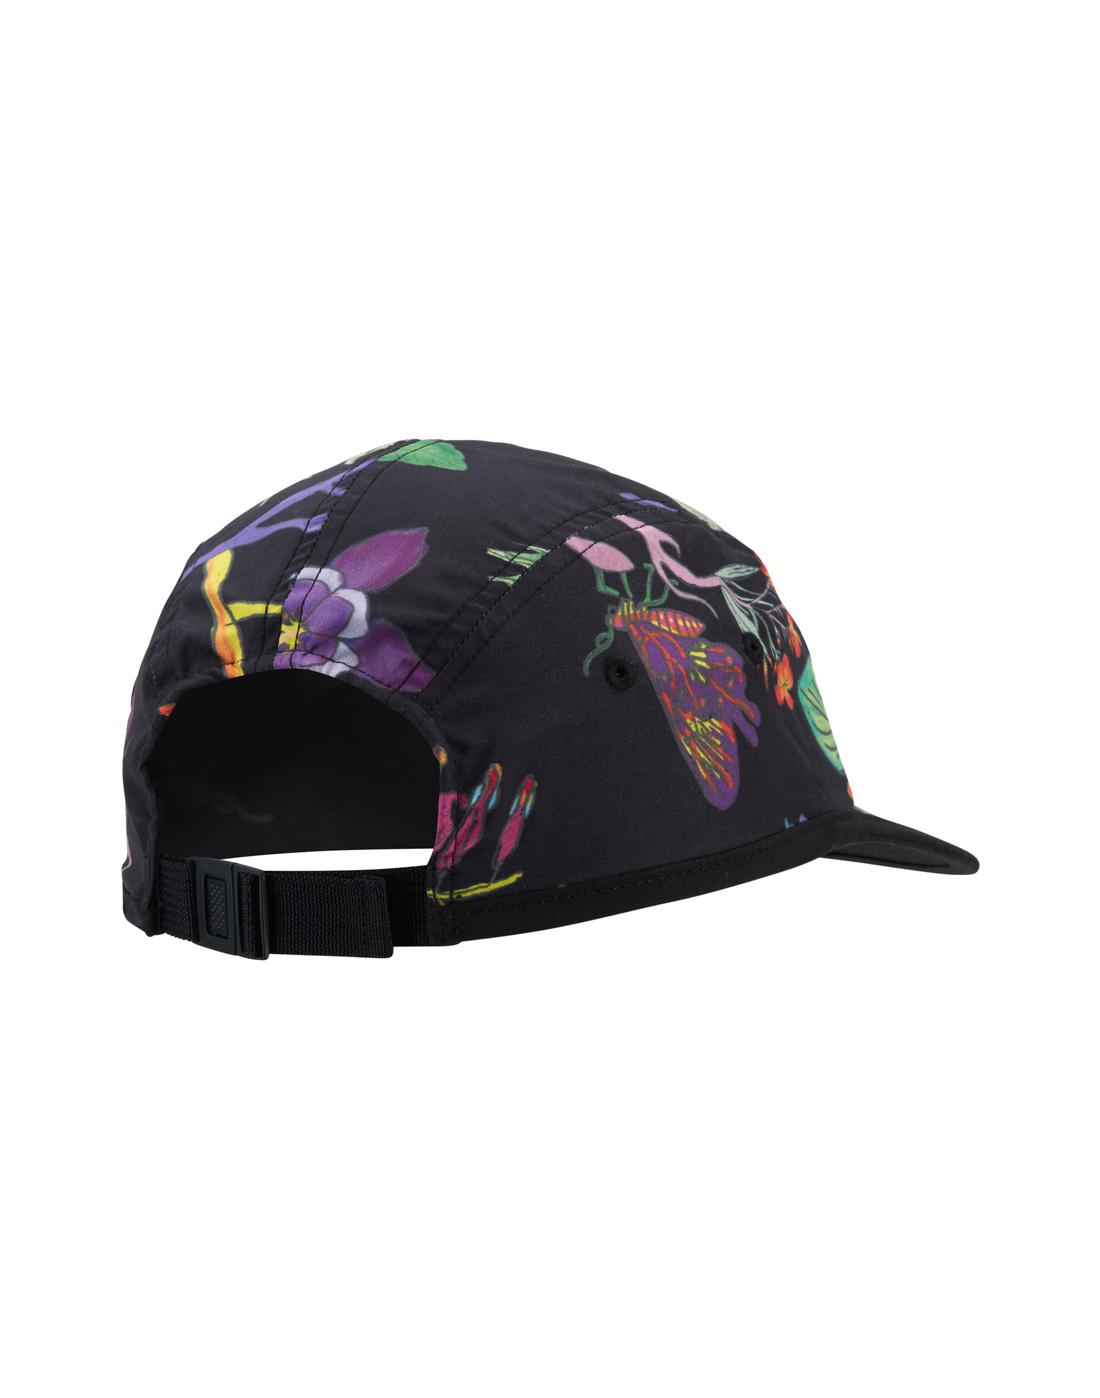 Adidas Originals Originals Reversible Floral Cap Life